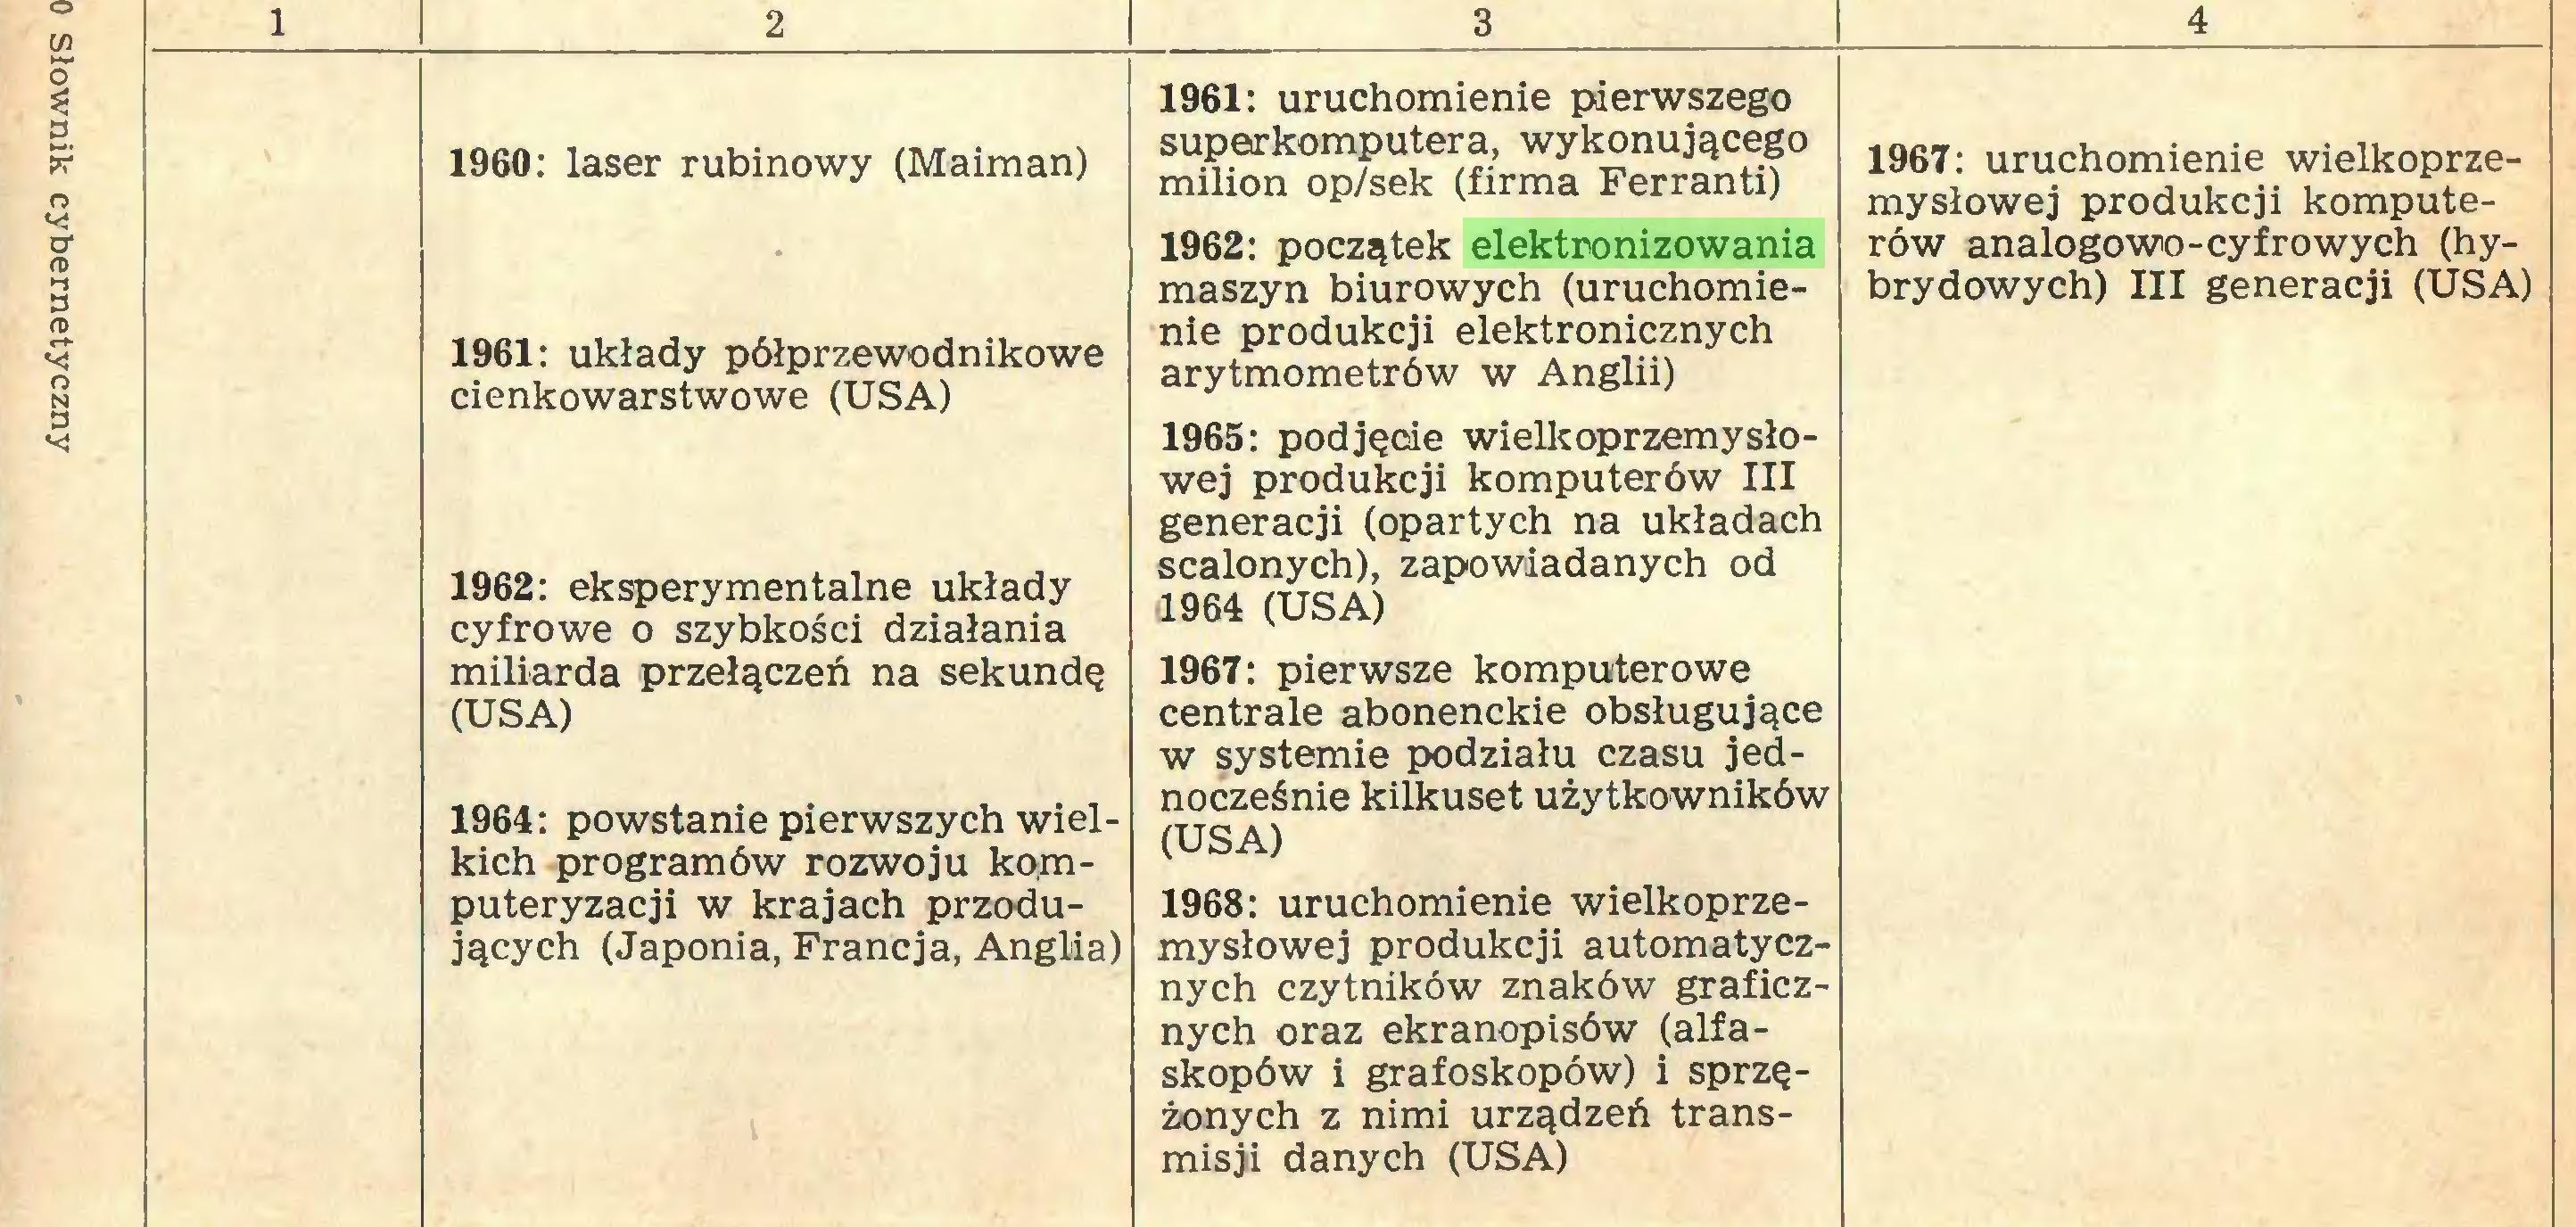 (...) Słownik cybernetyczny 1 2 3 4 1960: laser rubinowy (Maiman) 1961: układy półprzewodnikowe cienkowarstwowe (USA) 1962: eksperymentalne układy cyfrowe o szybkości działania miliarda przełączeń na sekundę (USA) 1964: powstanie pierwszych wielkich programów rozwoju komputeryzacji w krajach przodujących (Japonia, Francja, Anglia) 1961: uruchomienie pierwszego superkomputera, wykonującego milion op/sek (firma Ferranti) 1962: początek elektronizowania maszyn biurowych (uruchomienie produkcji elektronicznych arytmometrów w Anglii) 1965: podjęcie wielkoprzemysłowej produkcji komputerów III generacji (opartych na układach scalonych), zapowiadanych od 11964 (USA) 1967: pierwsze komputerowe centrale abonenckie obsługujące w systemie podziału czasu jednocześnie kilkuset użytkowników (USA) 1968: uruchomienie wielkoprzemysłowej produkcji automatycznych czytników znaków graficznych oraz ekranopisów (alfaskopów i grafoskopów) i sprzężonych z nimi urządzeń transmisji danych (USA) 1967: uruchomienie wielkoprzemysłowej produkcji komputerów analogowo-cyfrowych (hybrydowych) III generacji (USA)...